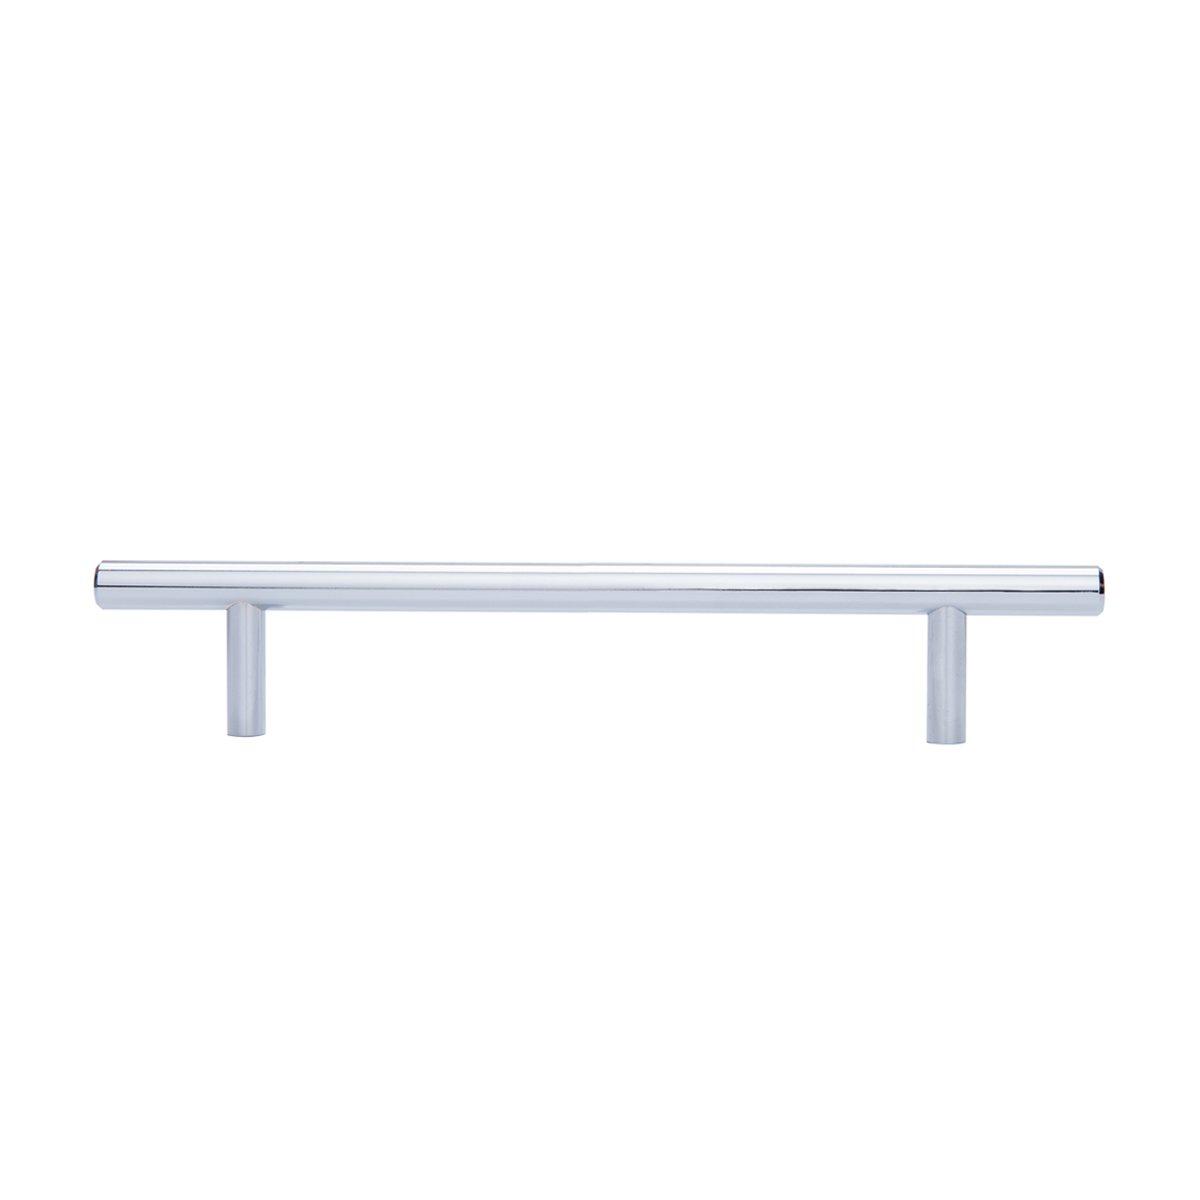 13,66 cm de longitud Basics tipo europeo Paquete de 10 N/íquel satinado centro del orificio de 7,62 cm 9,52 mm de di/ámetro Tirador de armario en forma de barra